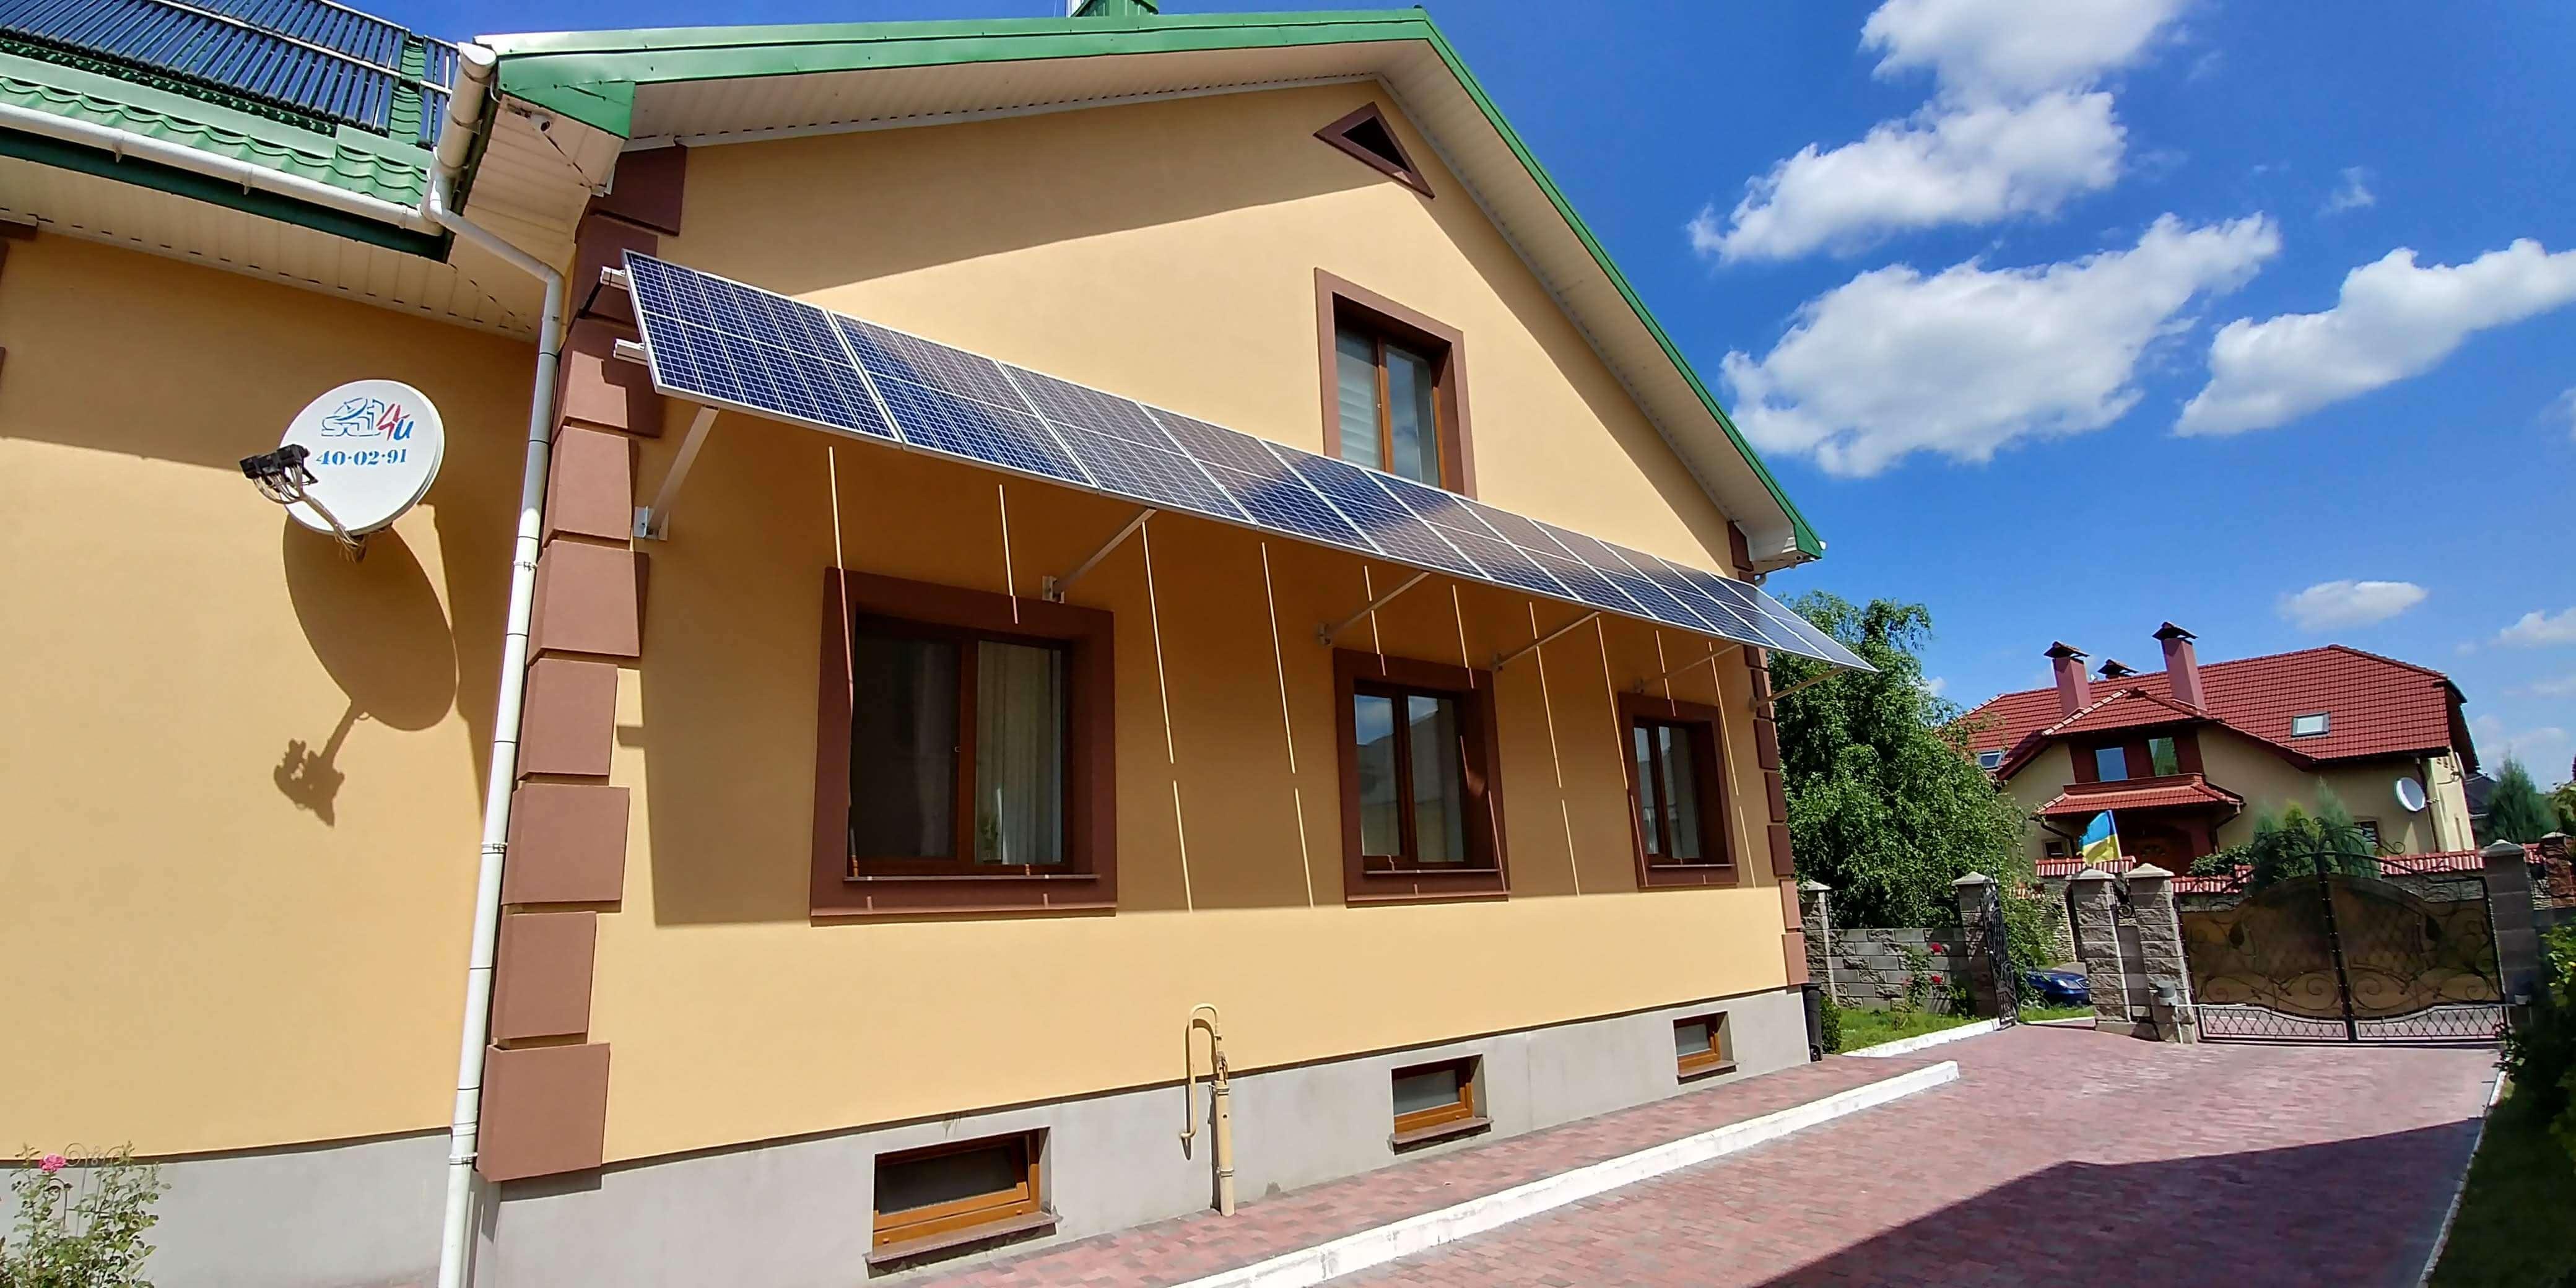 3 кВт сонячна електростанція для забезпечення власних потреб домогосподарства в м.Рівне